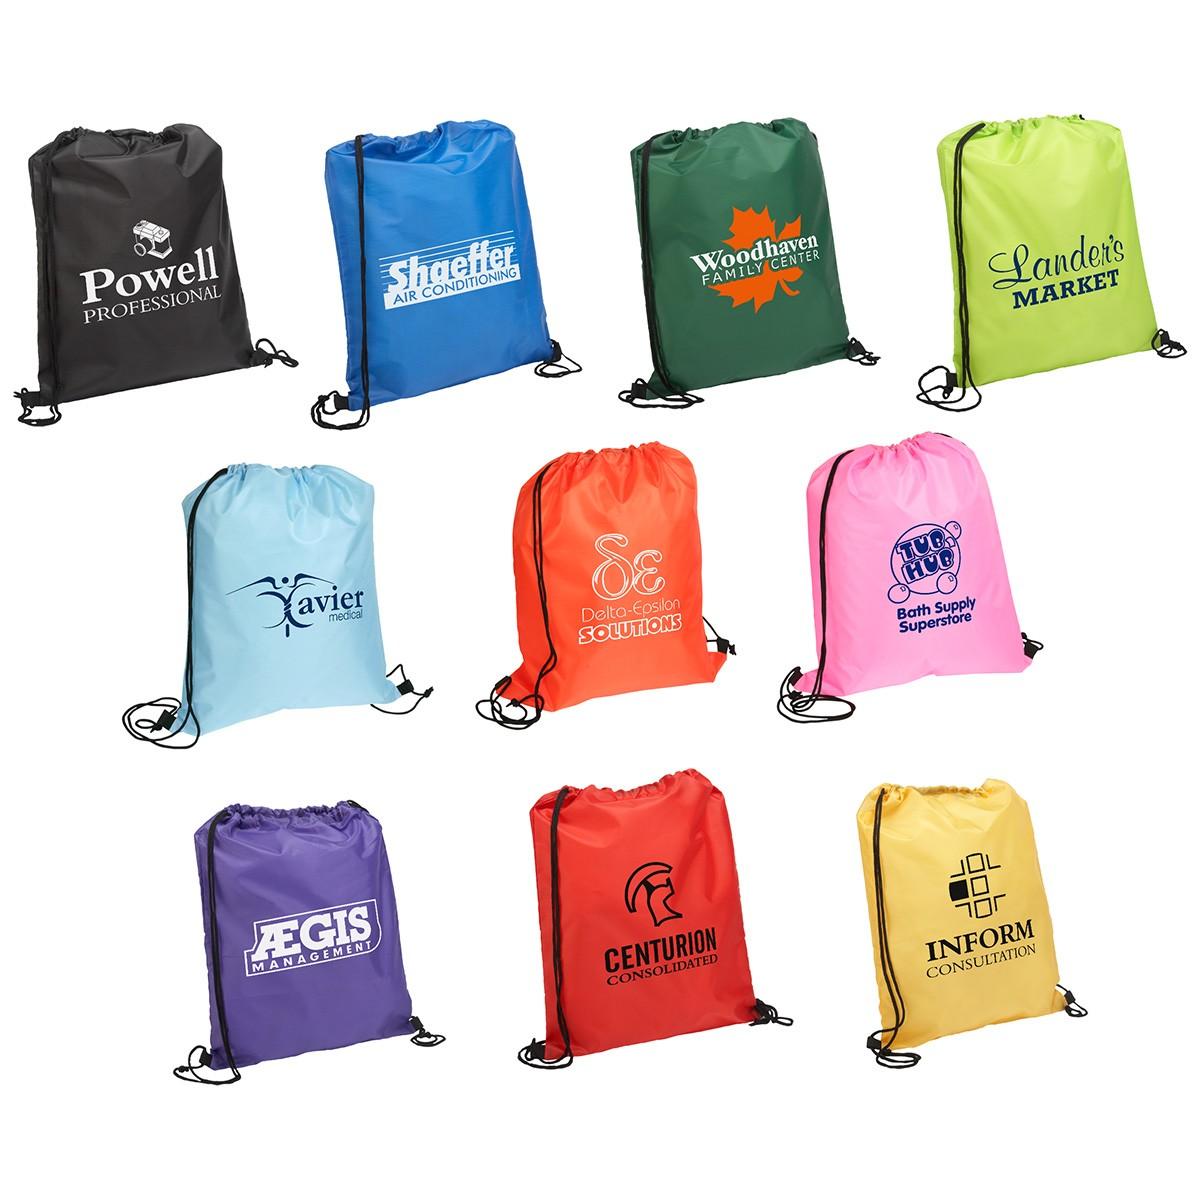 stringbackpacks.jpg